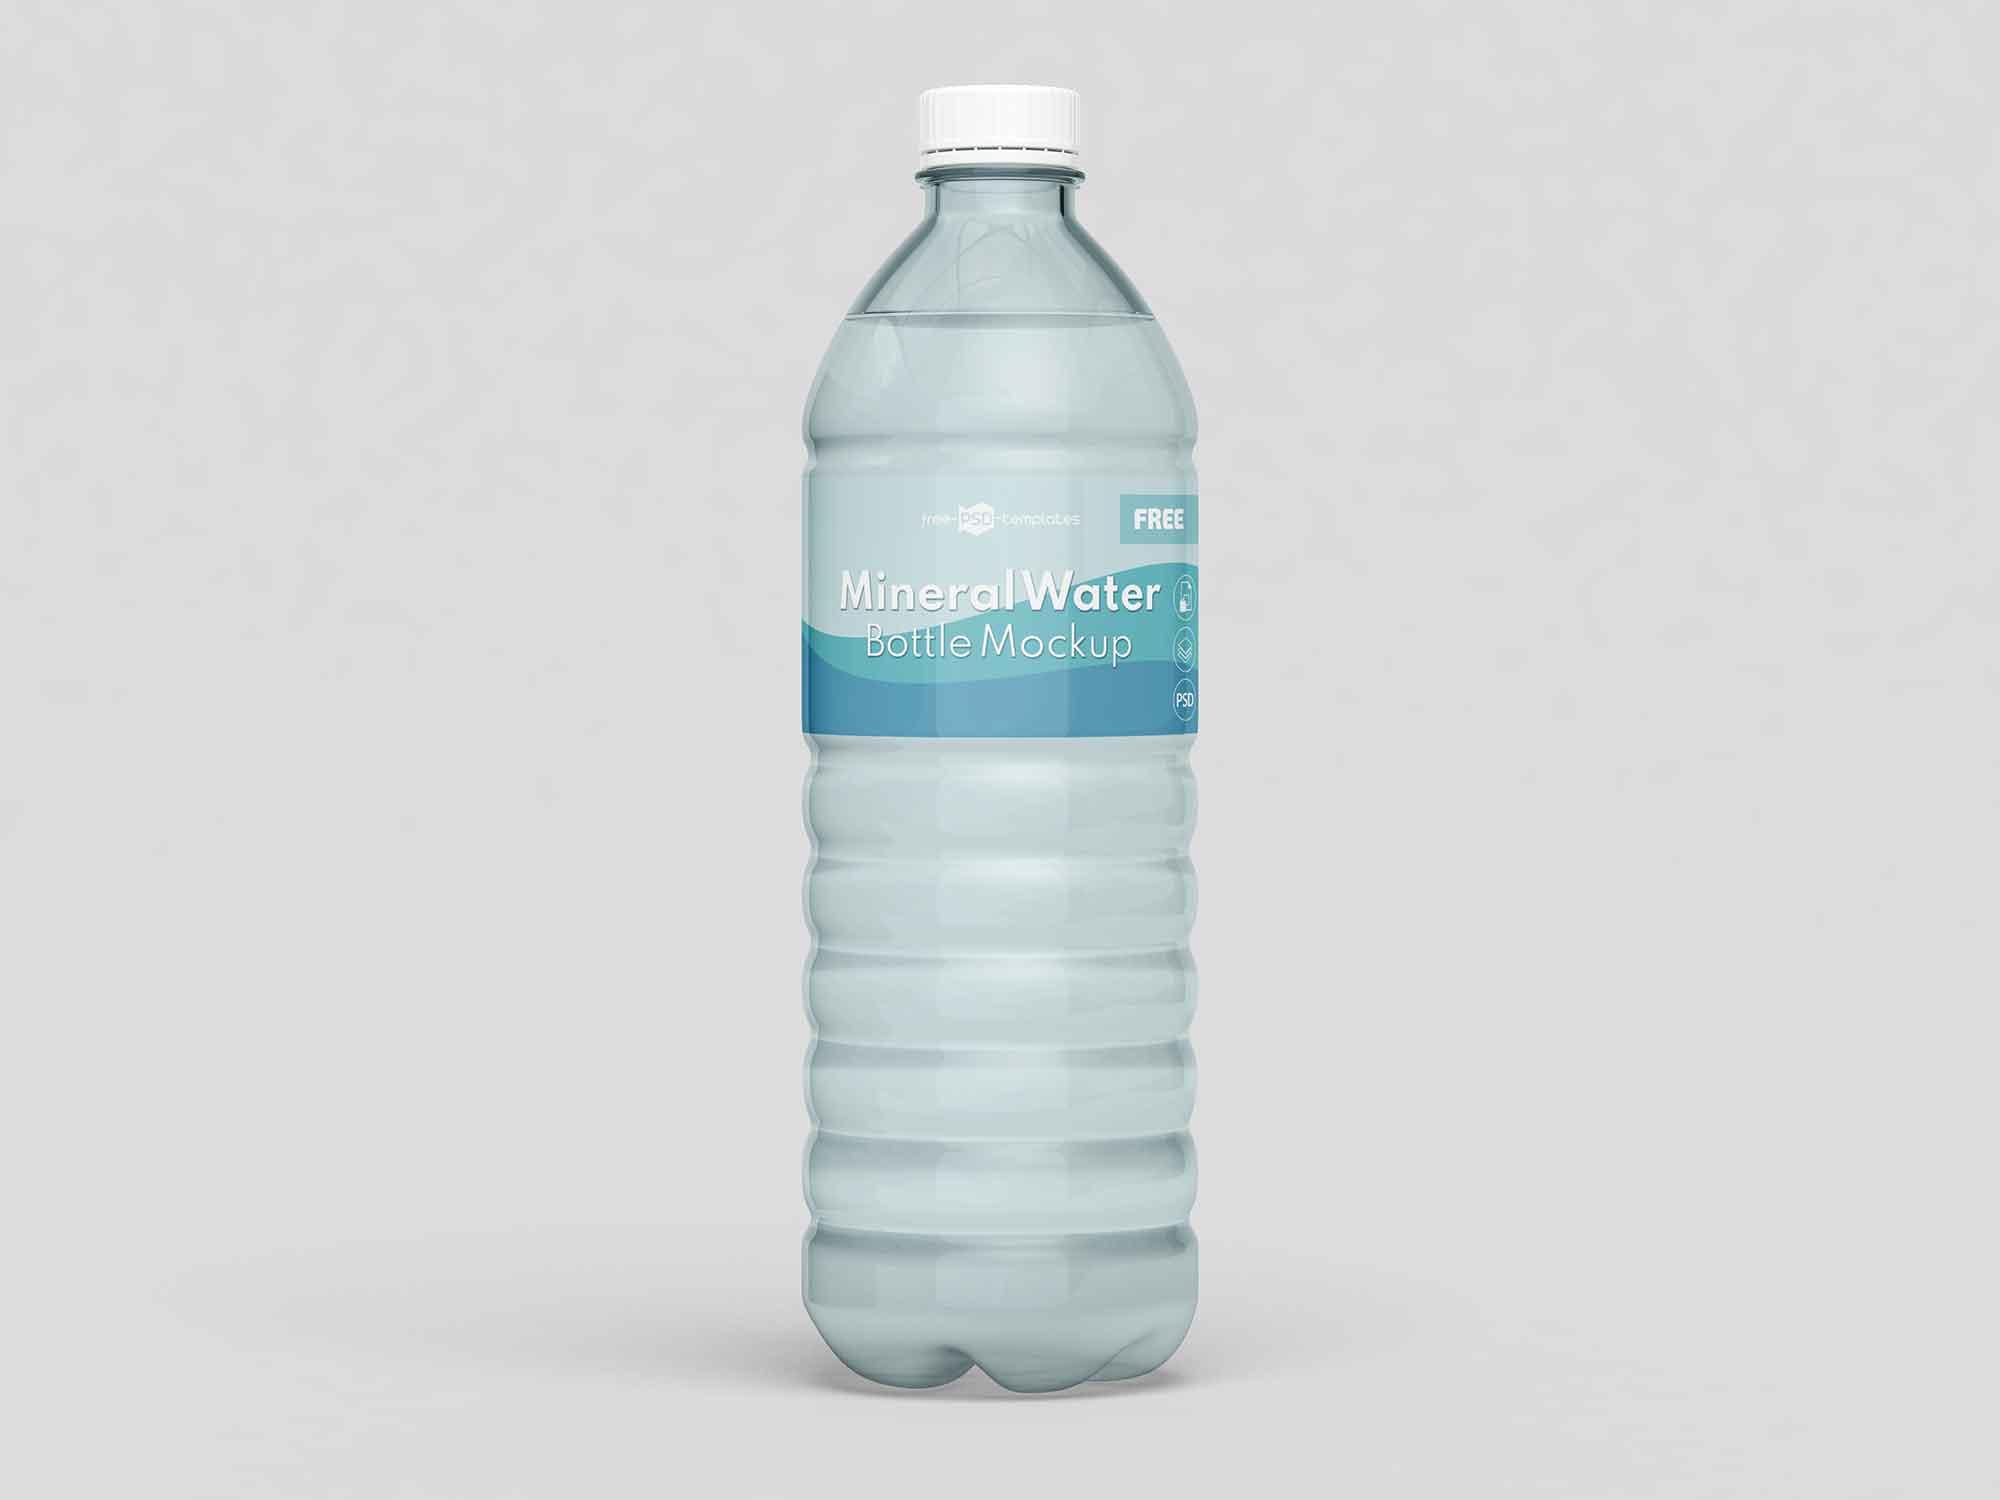 Mineral Water Bottles Mockup 1